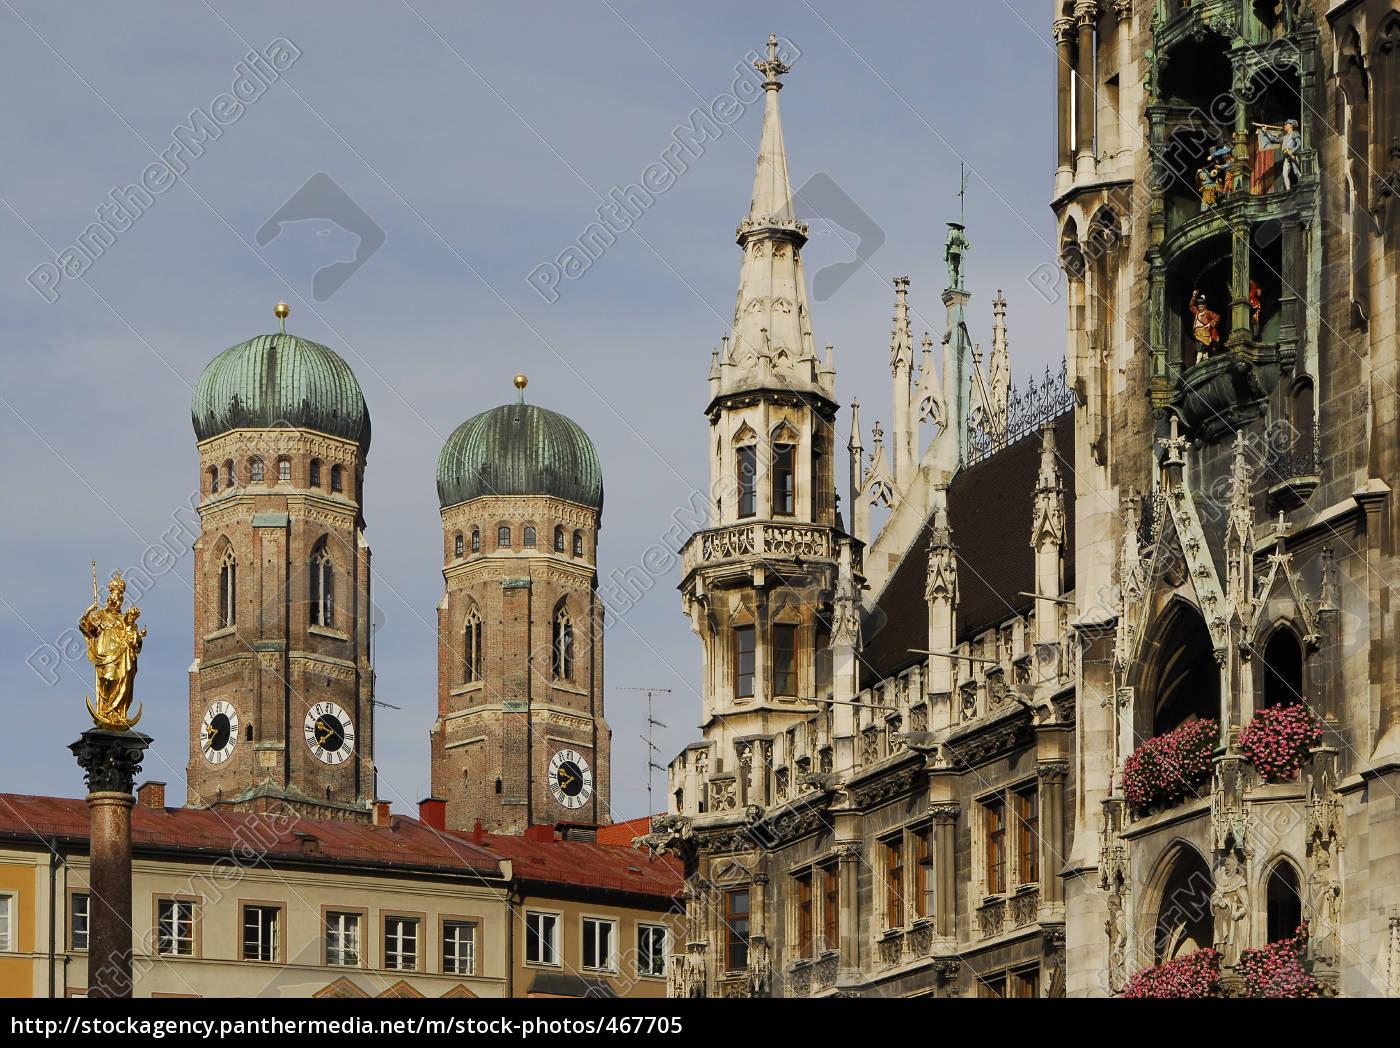 marienplatz, munich - 467705